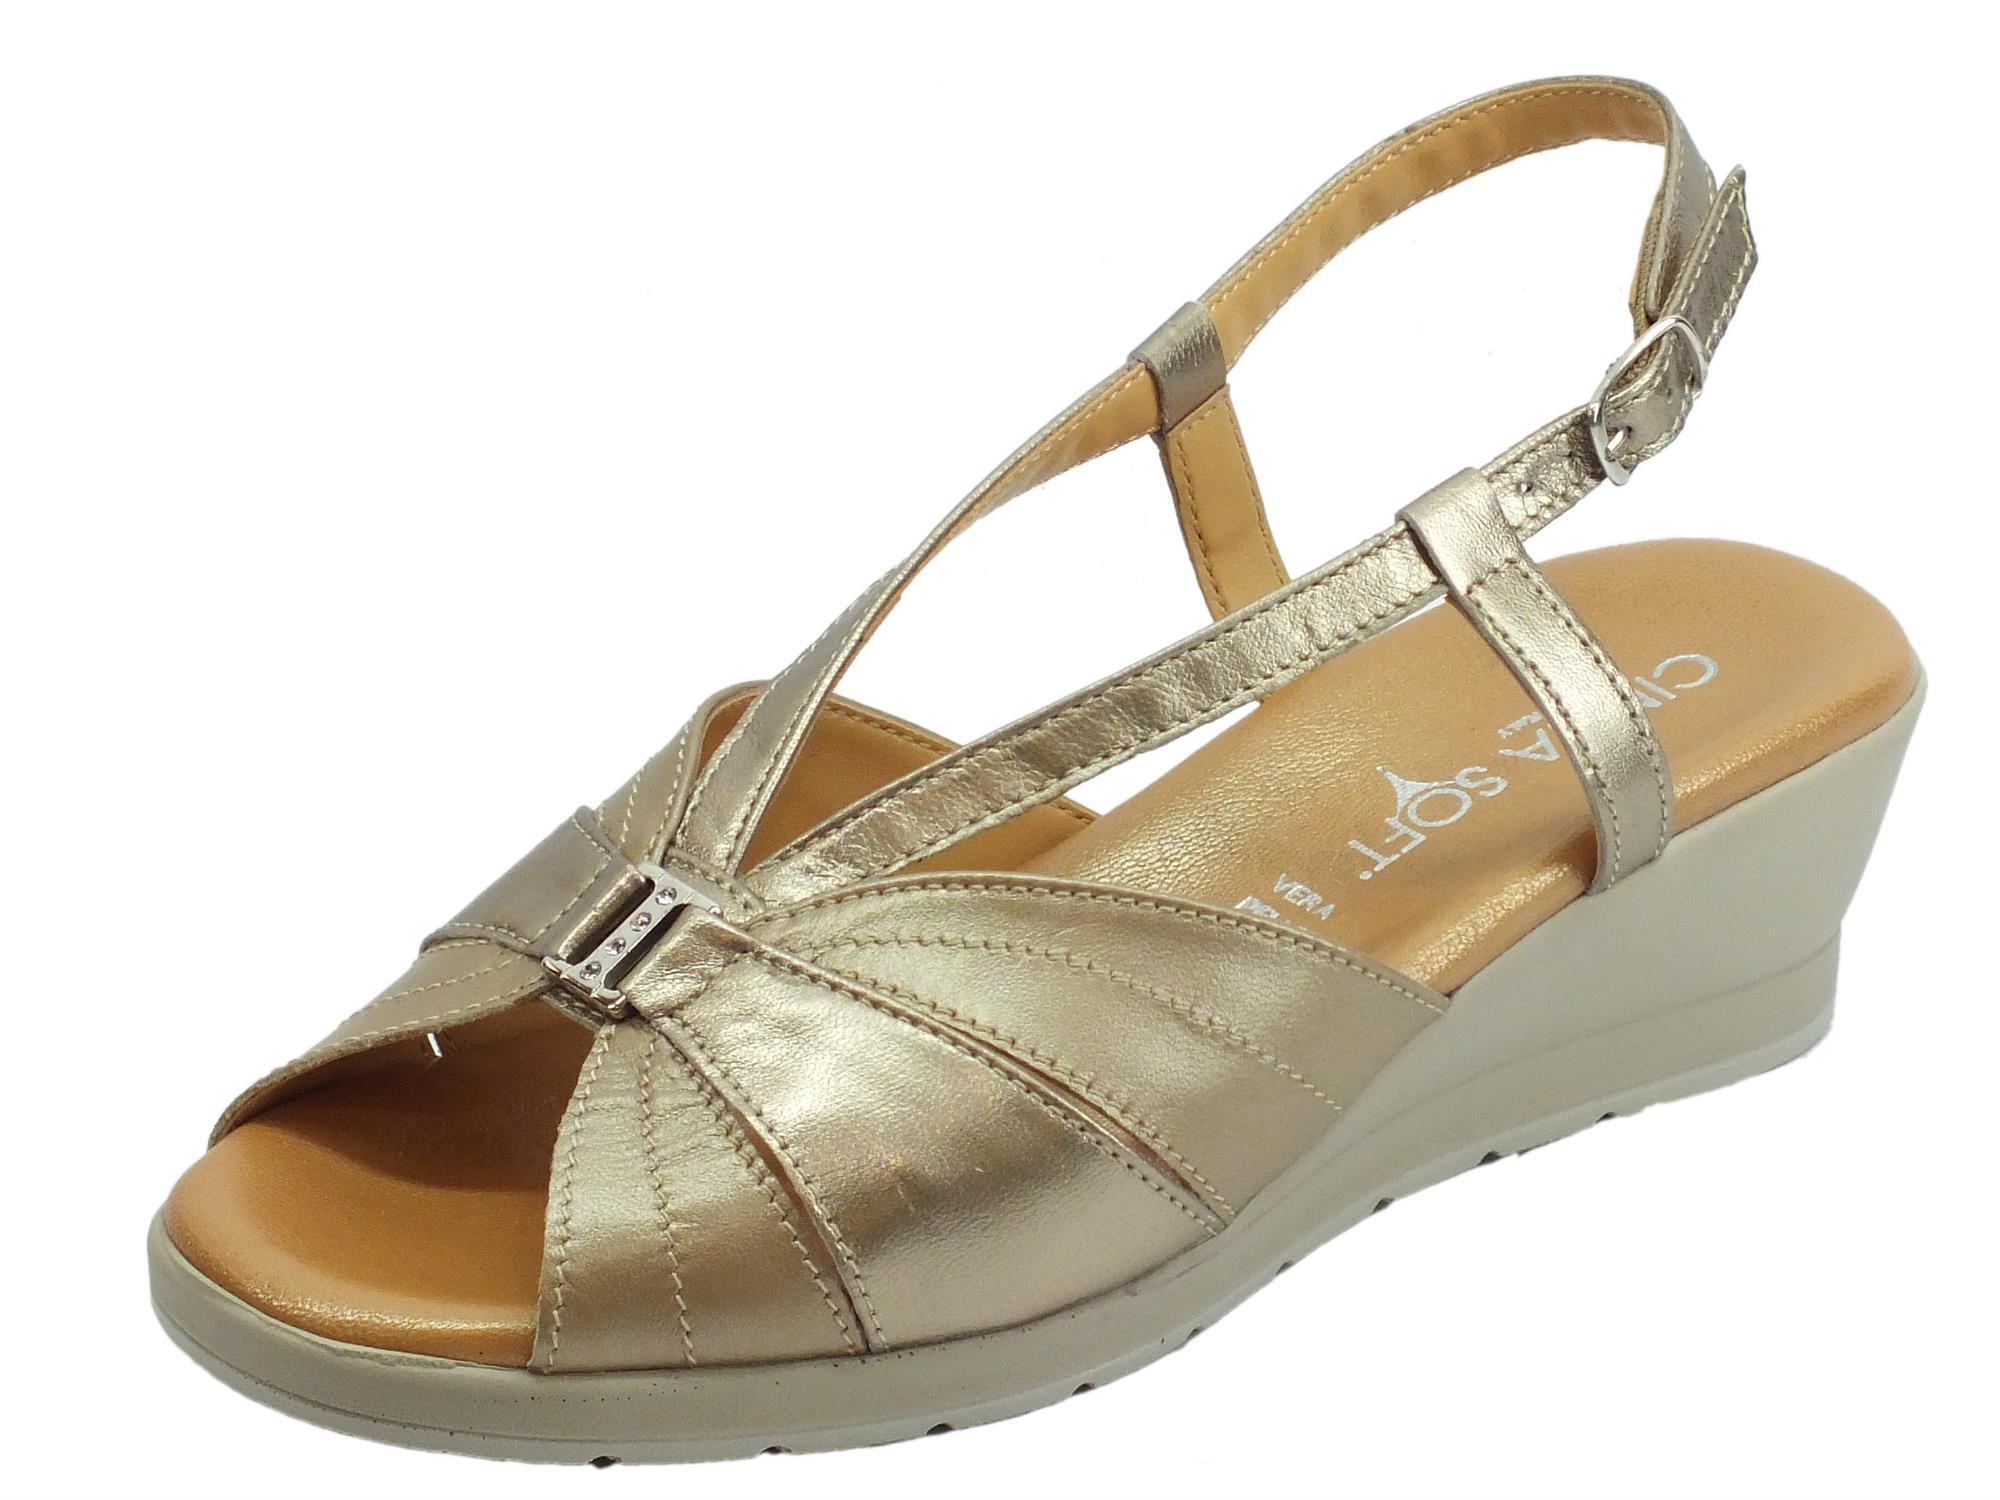 9694a5be81717 Cinzia Soft sandali pelle colore oro perla zeppa media - Vitiello ...